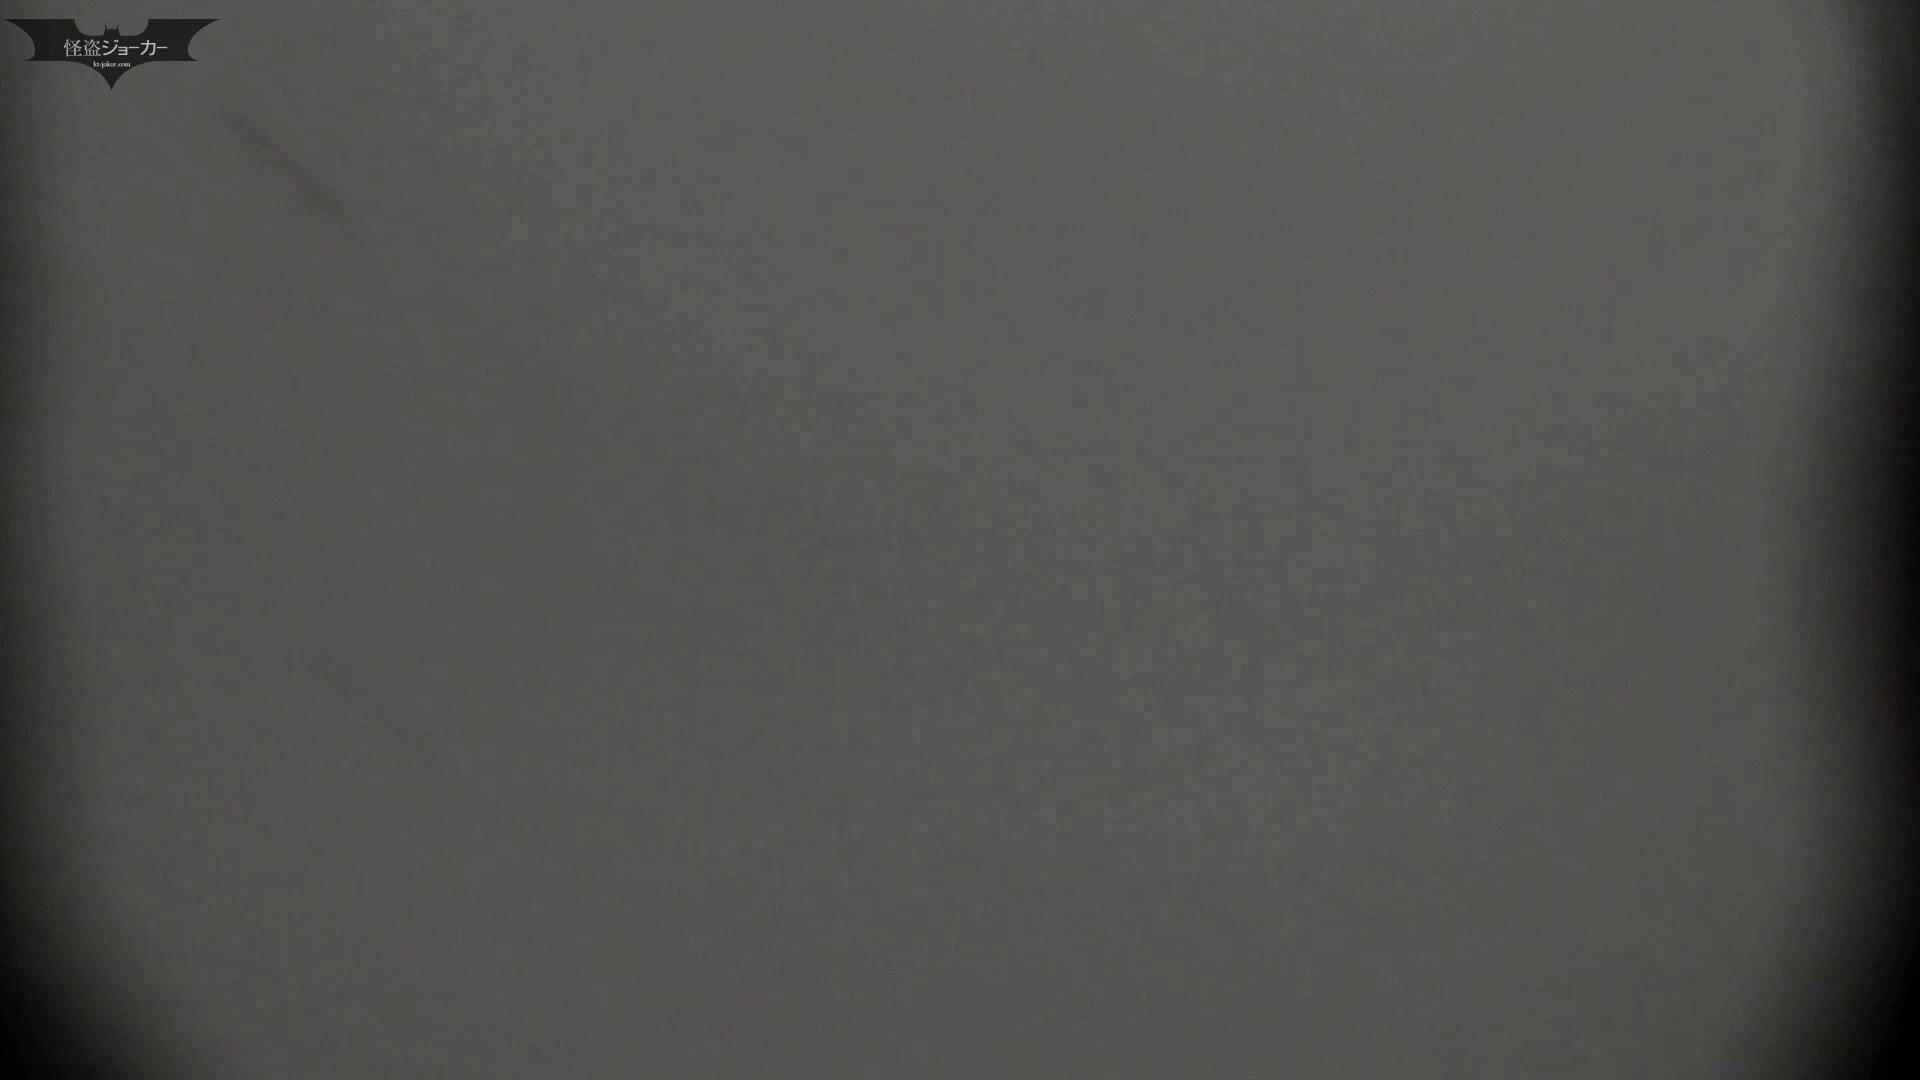 お銀さんの「洗面所突入レポート!!」 vol.51 突入最前線!おまけ付き 美人の裸体 オメコ動画キャプチャ 105枚 69